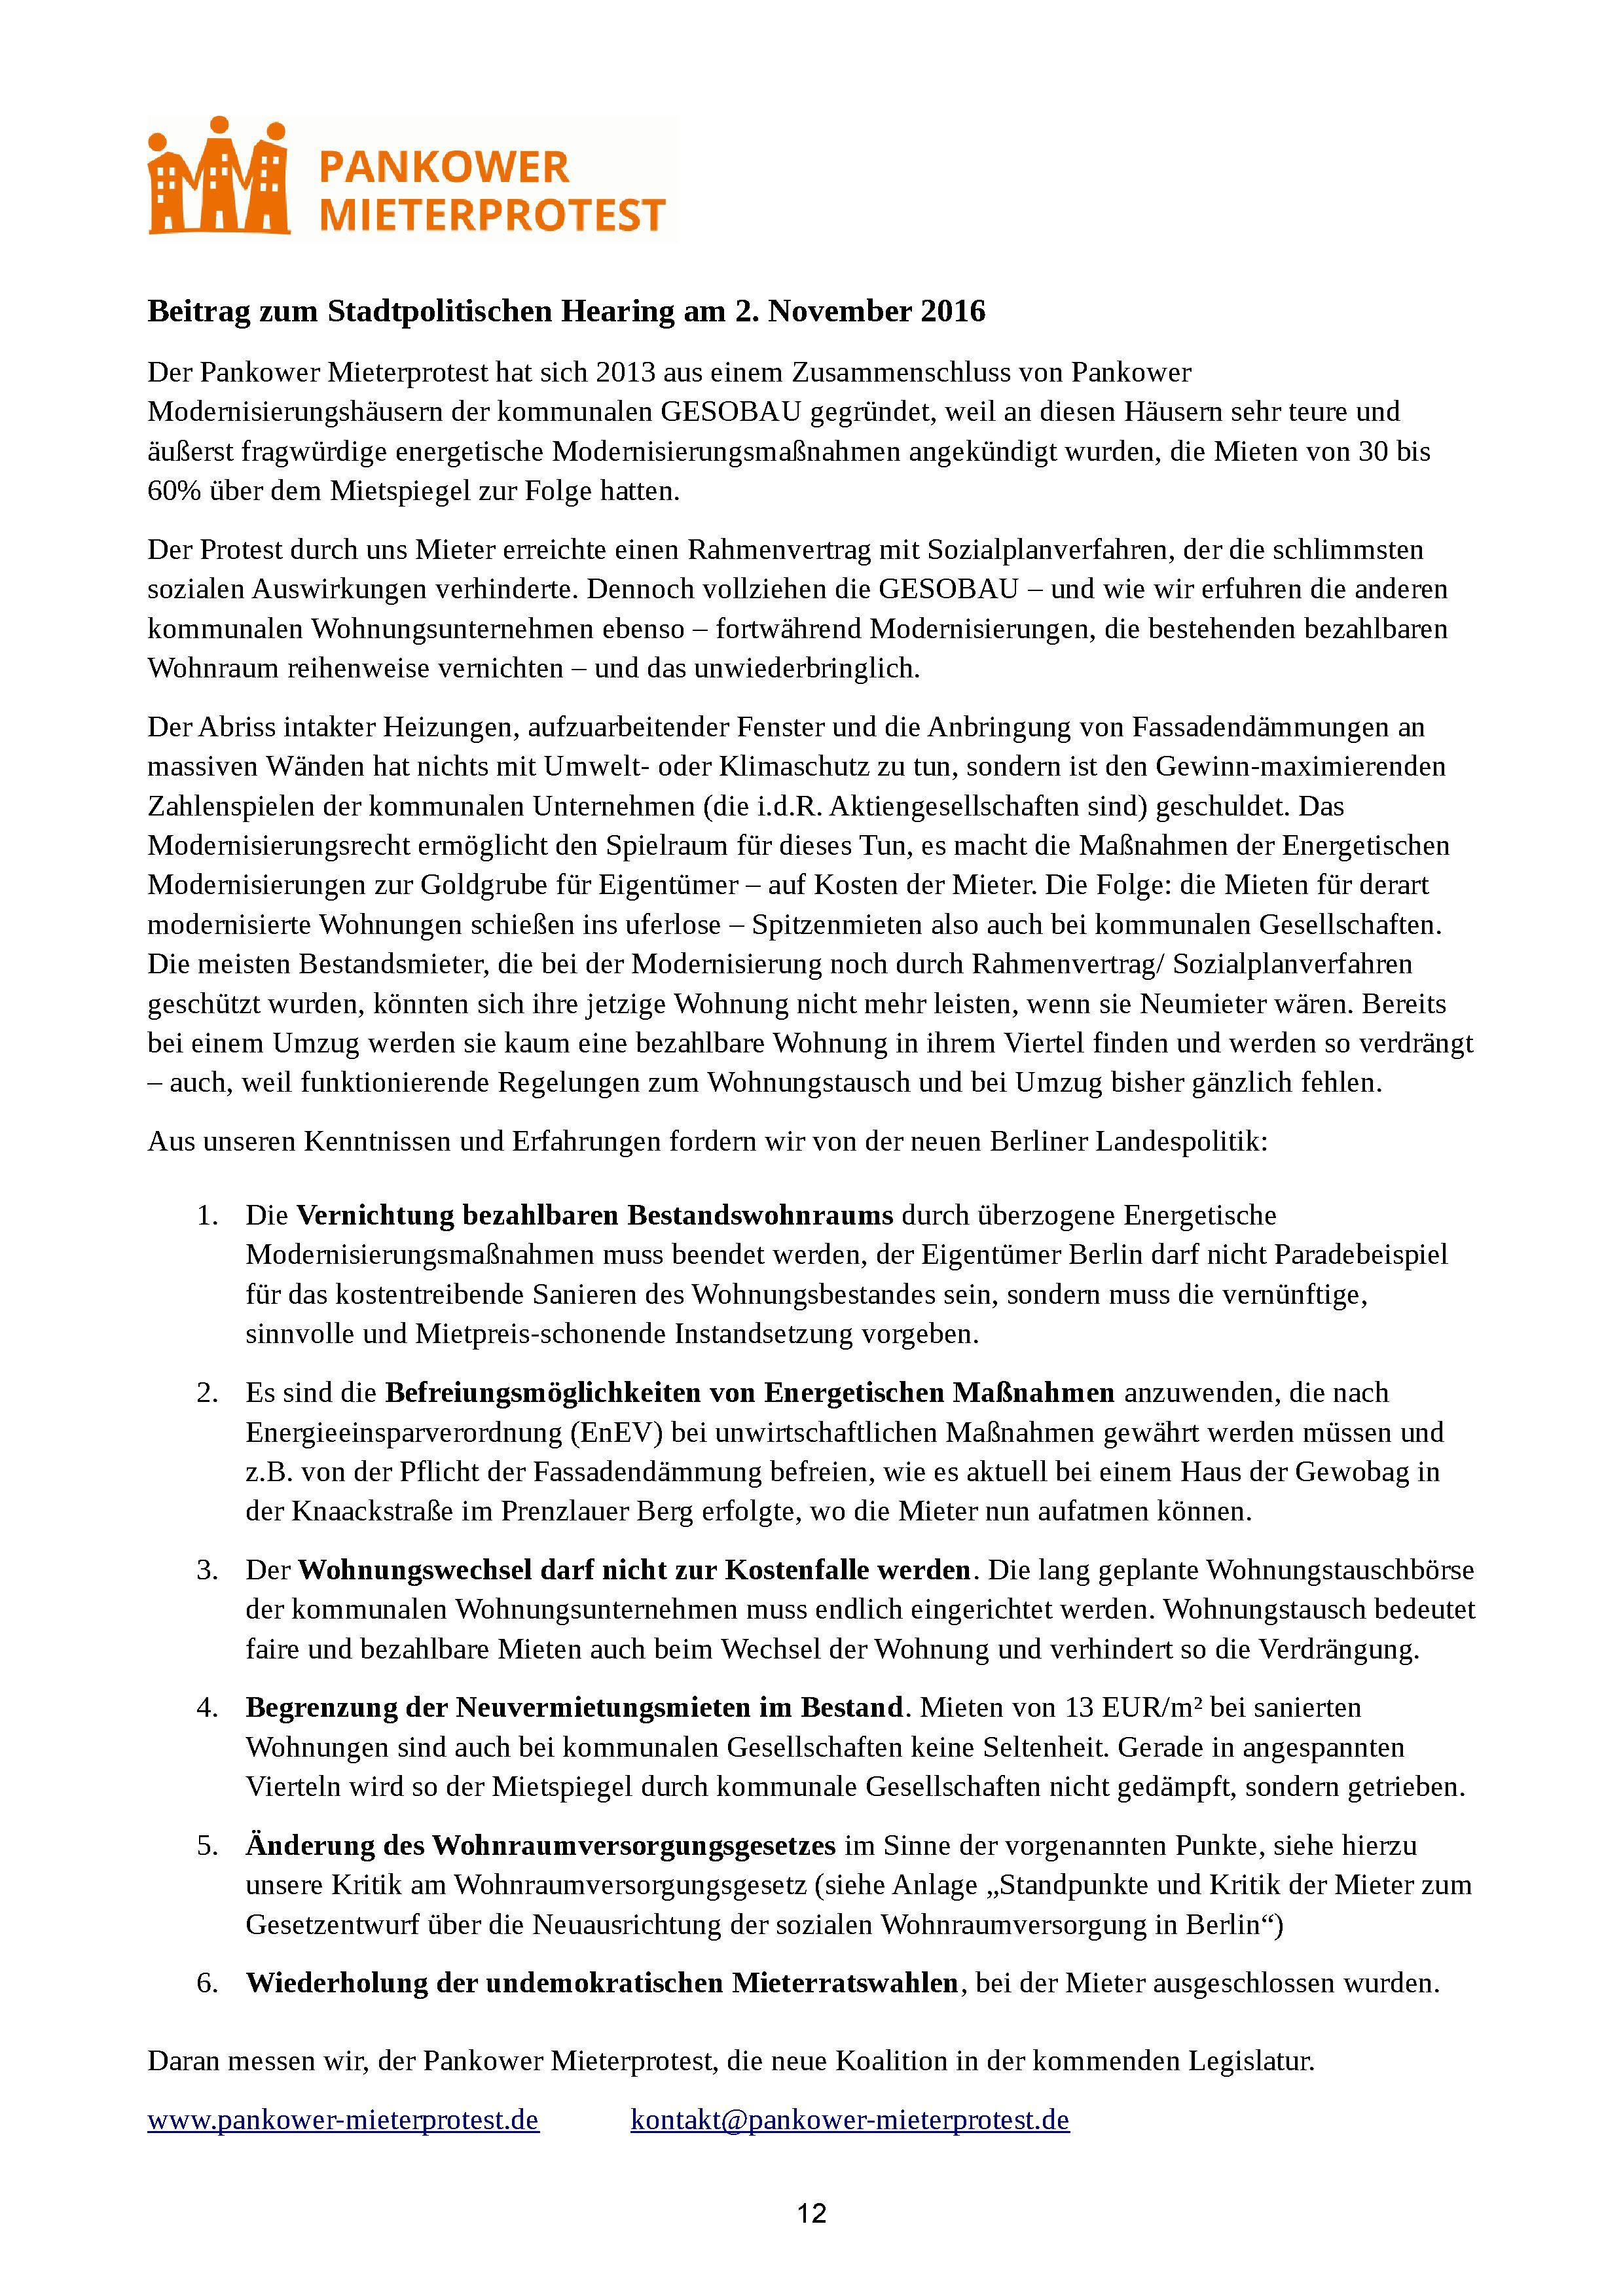 stadtpolitisches_hearing_021116_pressemappe1_seite_13